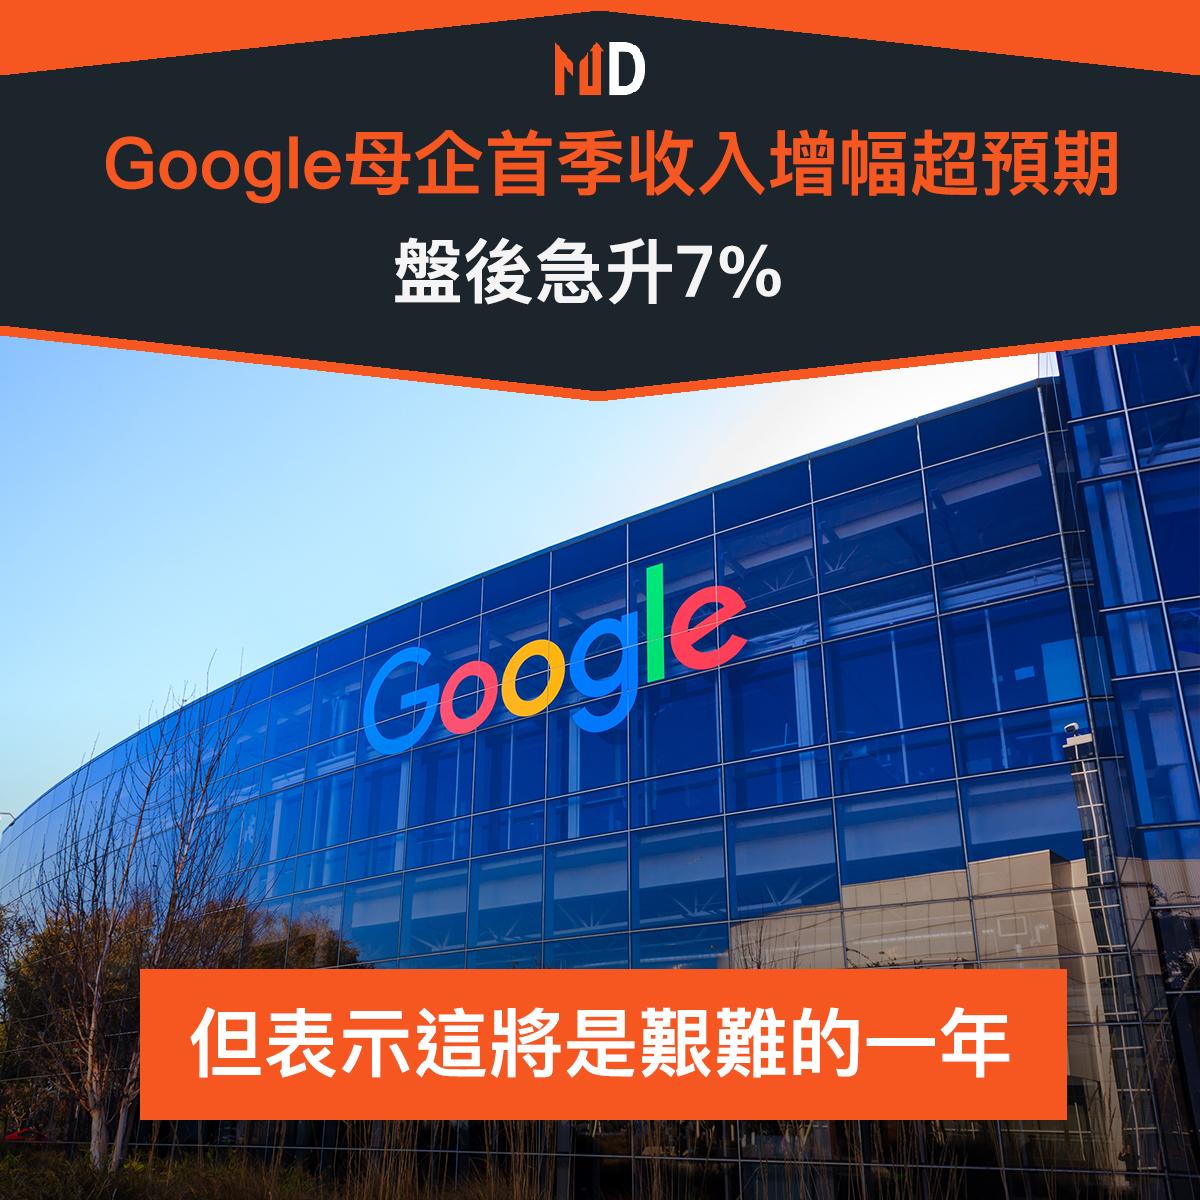 【#市場熱話】Google首季收入增幅超預期,盤後急升7%